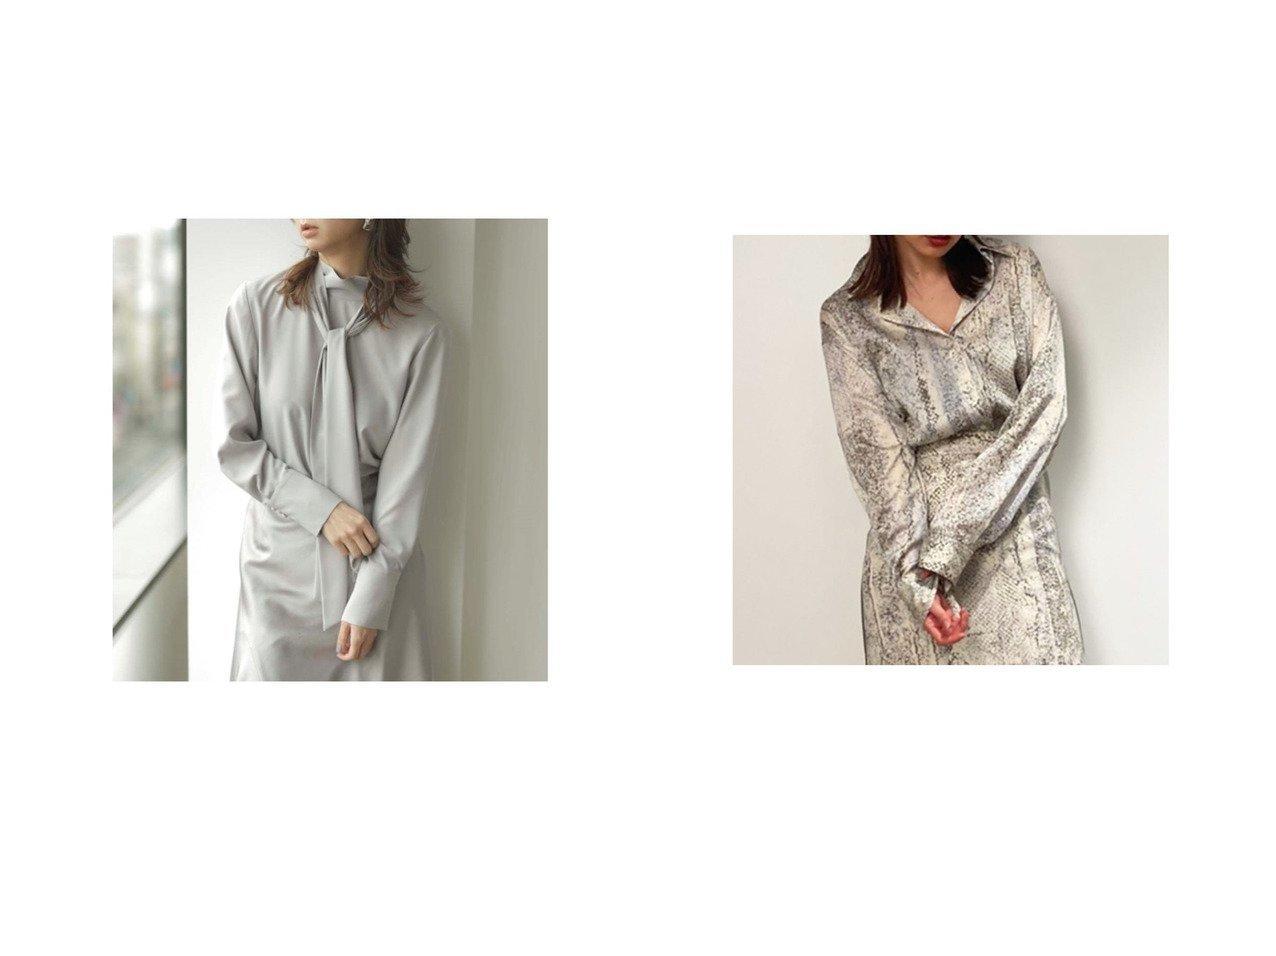 【FRAY I.D/フレイ アイディー】のビックシルエット柄シャツ&ボウタイ付きチュニックブラウス 【トップス・カットソー】おすすめ!人気、トレンド・レディースファッションの通販 おすすめで人気の流行・トレンド、ファッションの通販商品 インテリア・家具・メンズファッション・キッズファッション・レディースファッション・服の通販 founy(ファニー) https://founy.com/ ファッション Fashion レディースファッション WOMEN トップス・カットソー Tops/Tshirt シャツ/ブラウス Shirts/Blouses 春 Spring スマート スリット とろみ チュニック ドレープ 2021年 2021 S/S・春夏 SS・Spring/Summer 2021春夏・S/S SS/Spring/Summer/2021 夏 Summer サテン トレンド パイソン ビッグ ボトム 羽織 |ID:crp329100000048310